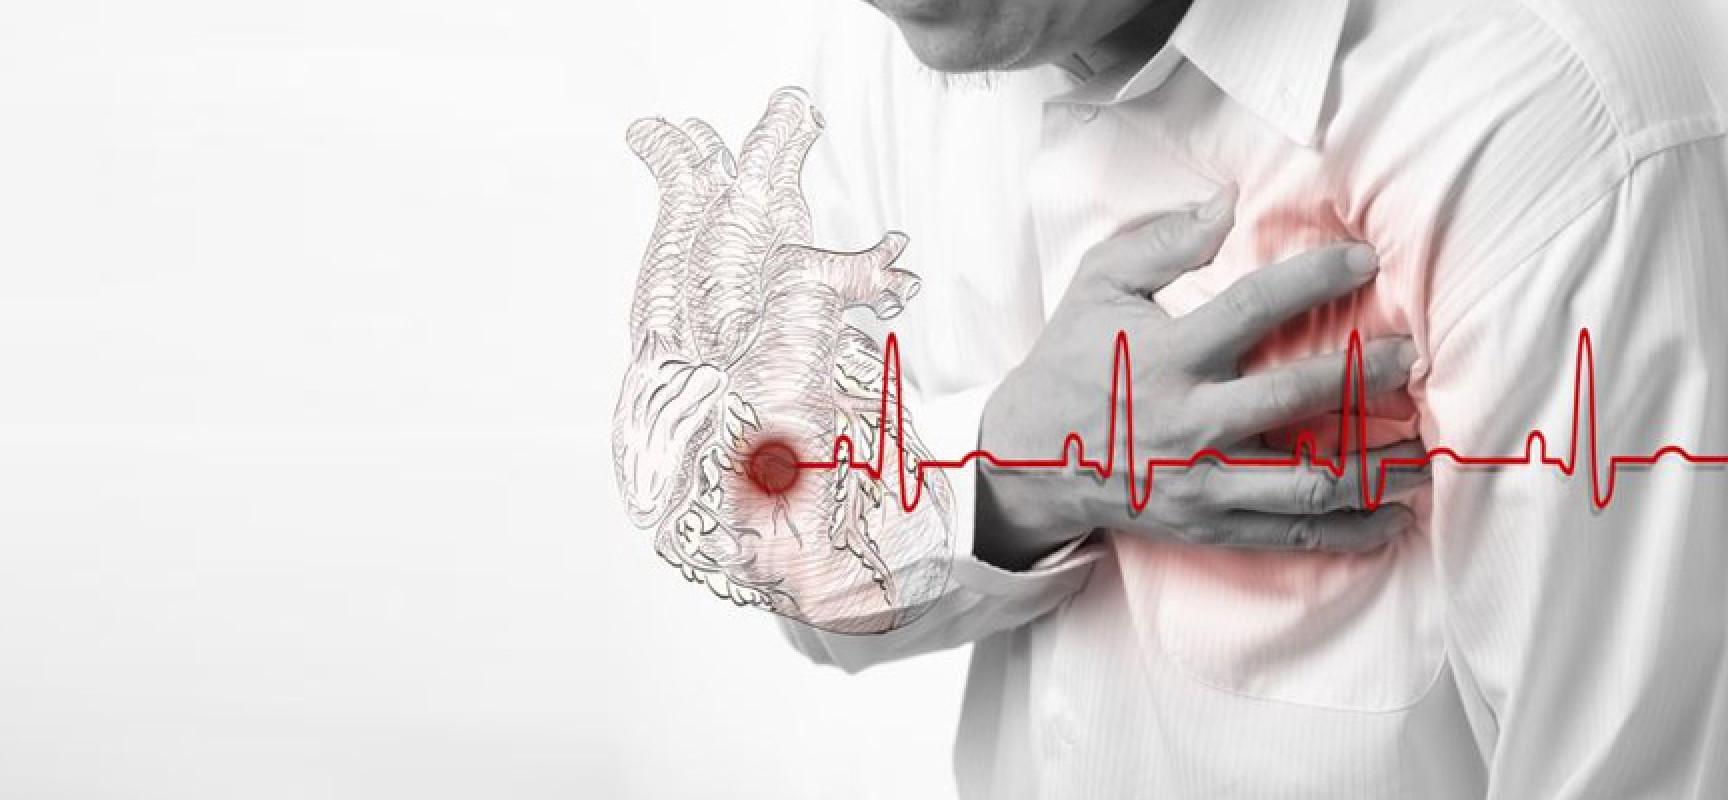 Гипертоническая болезнь с сердечной недостаточностью